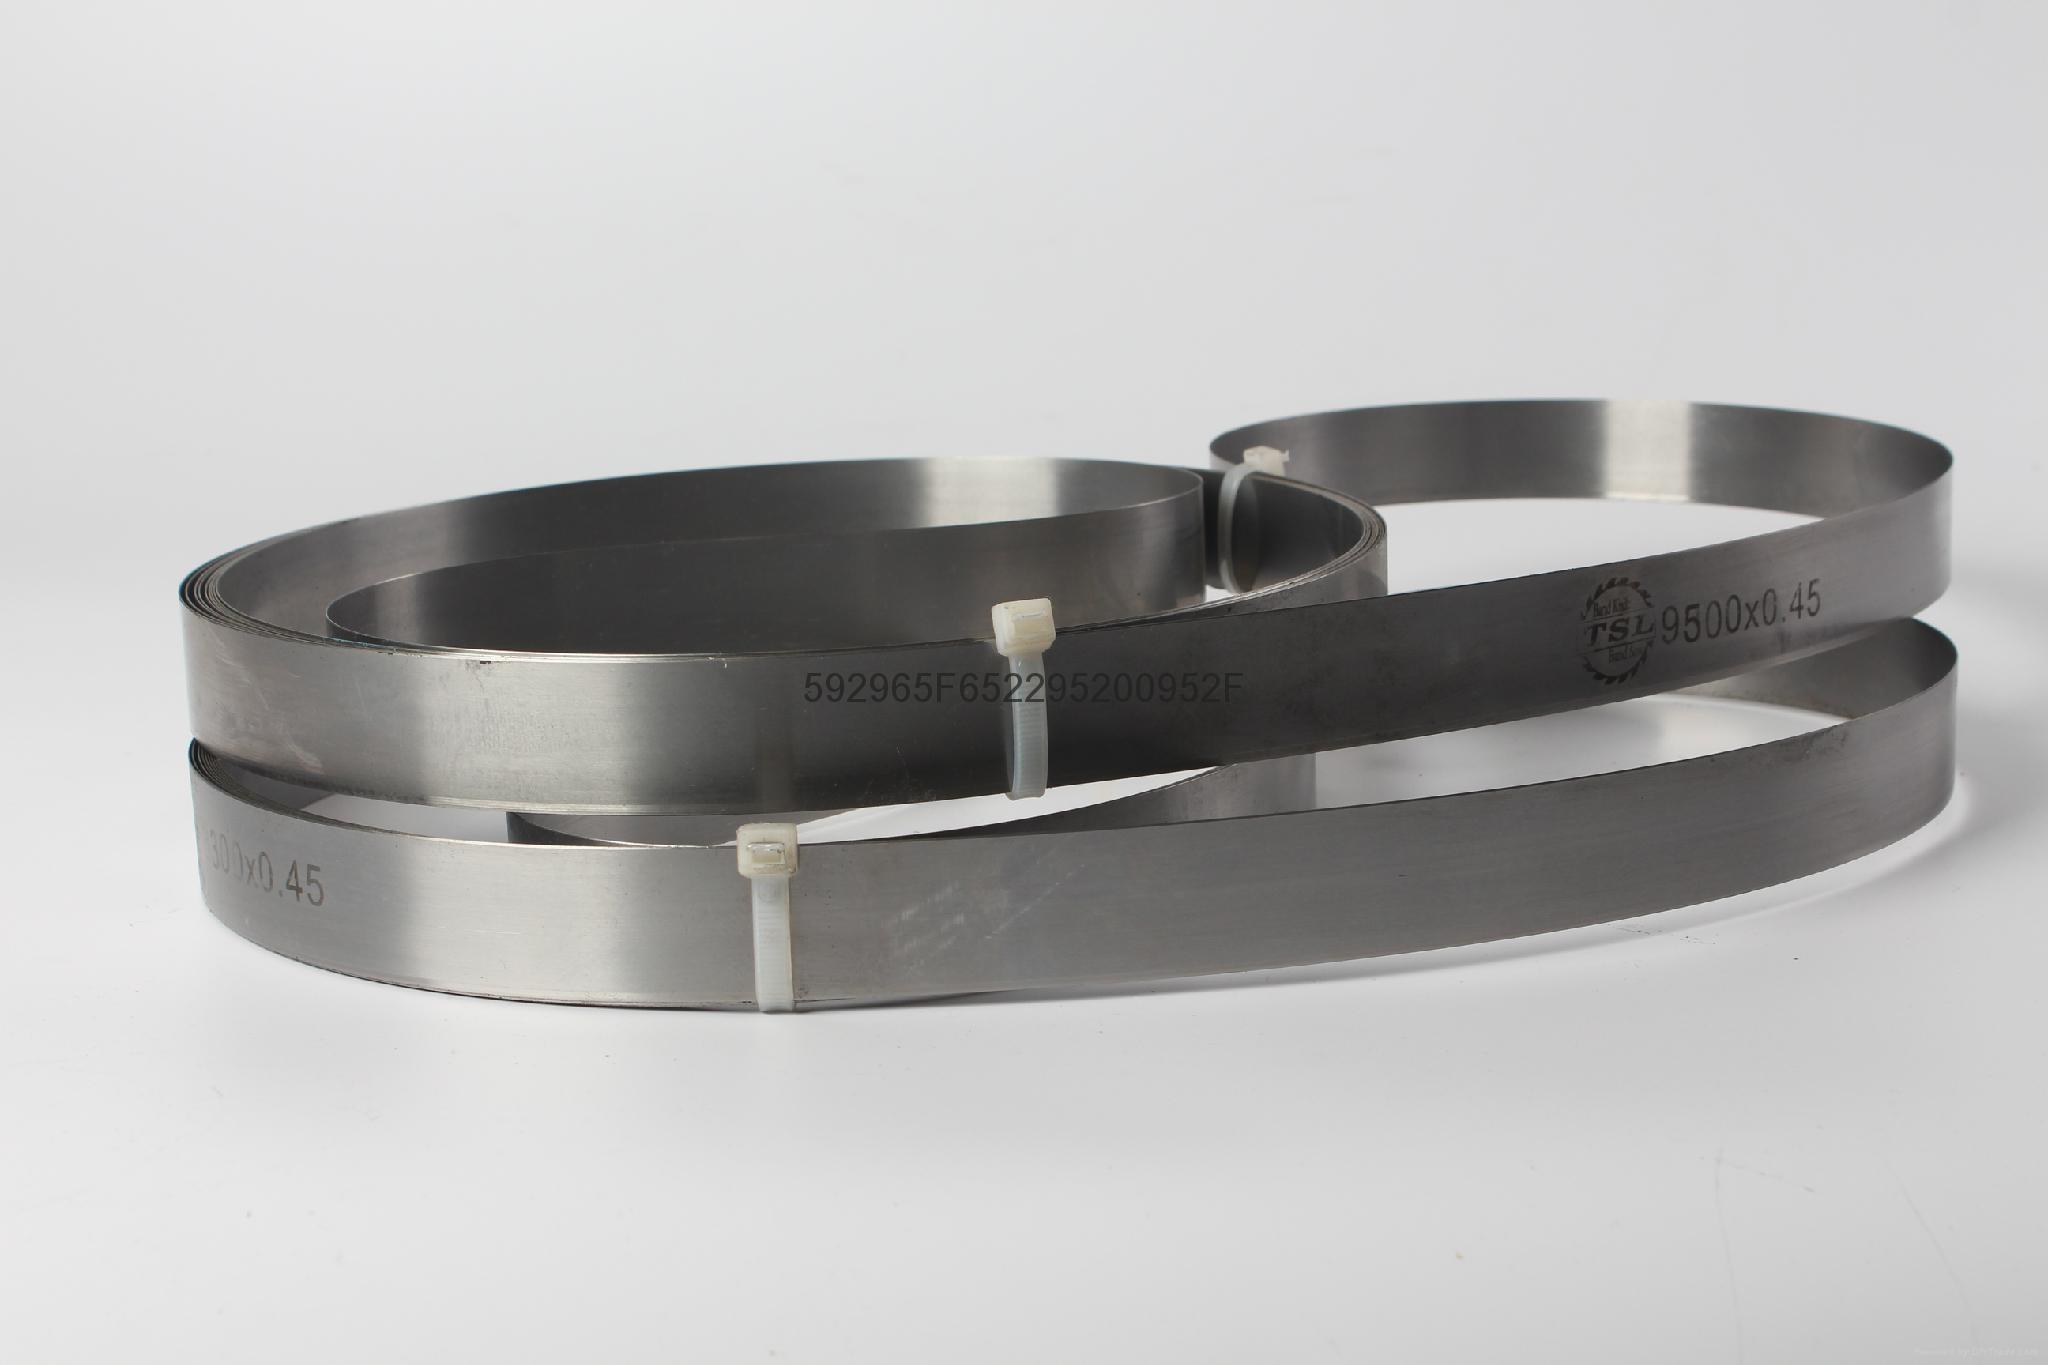 專業生產高品質片皮機刀帶 5